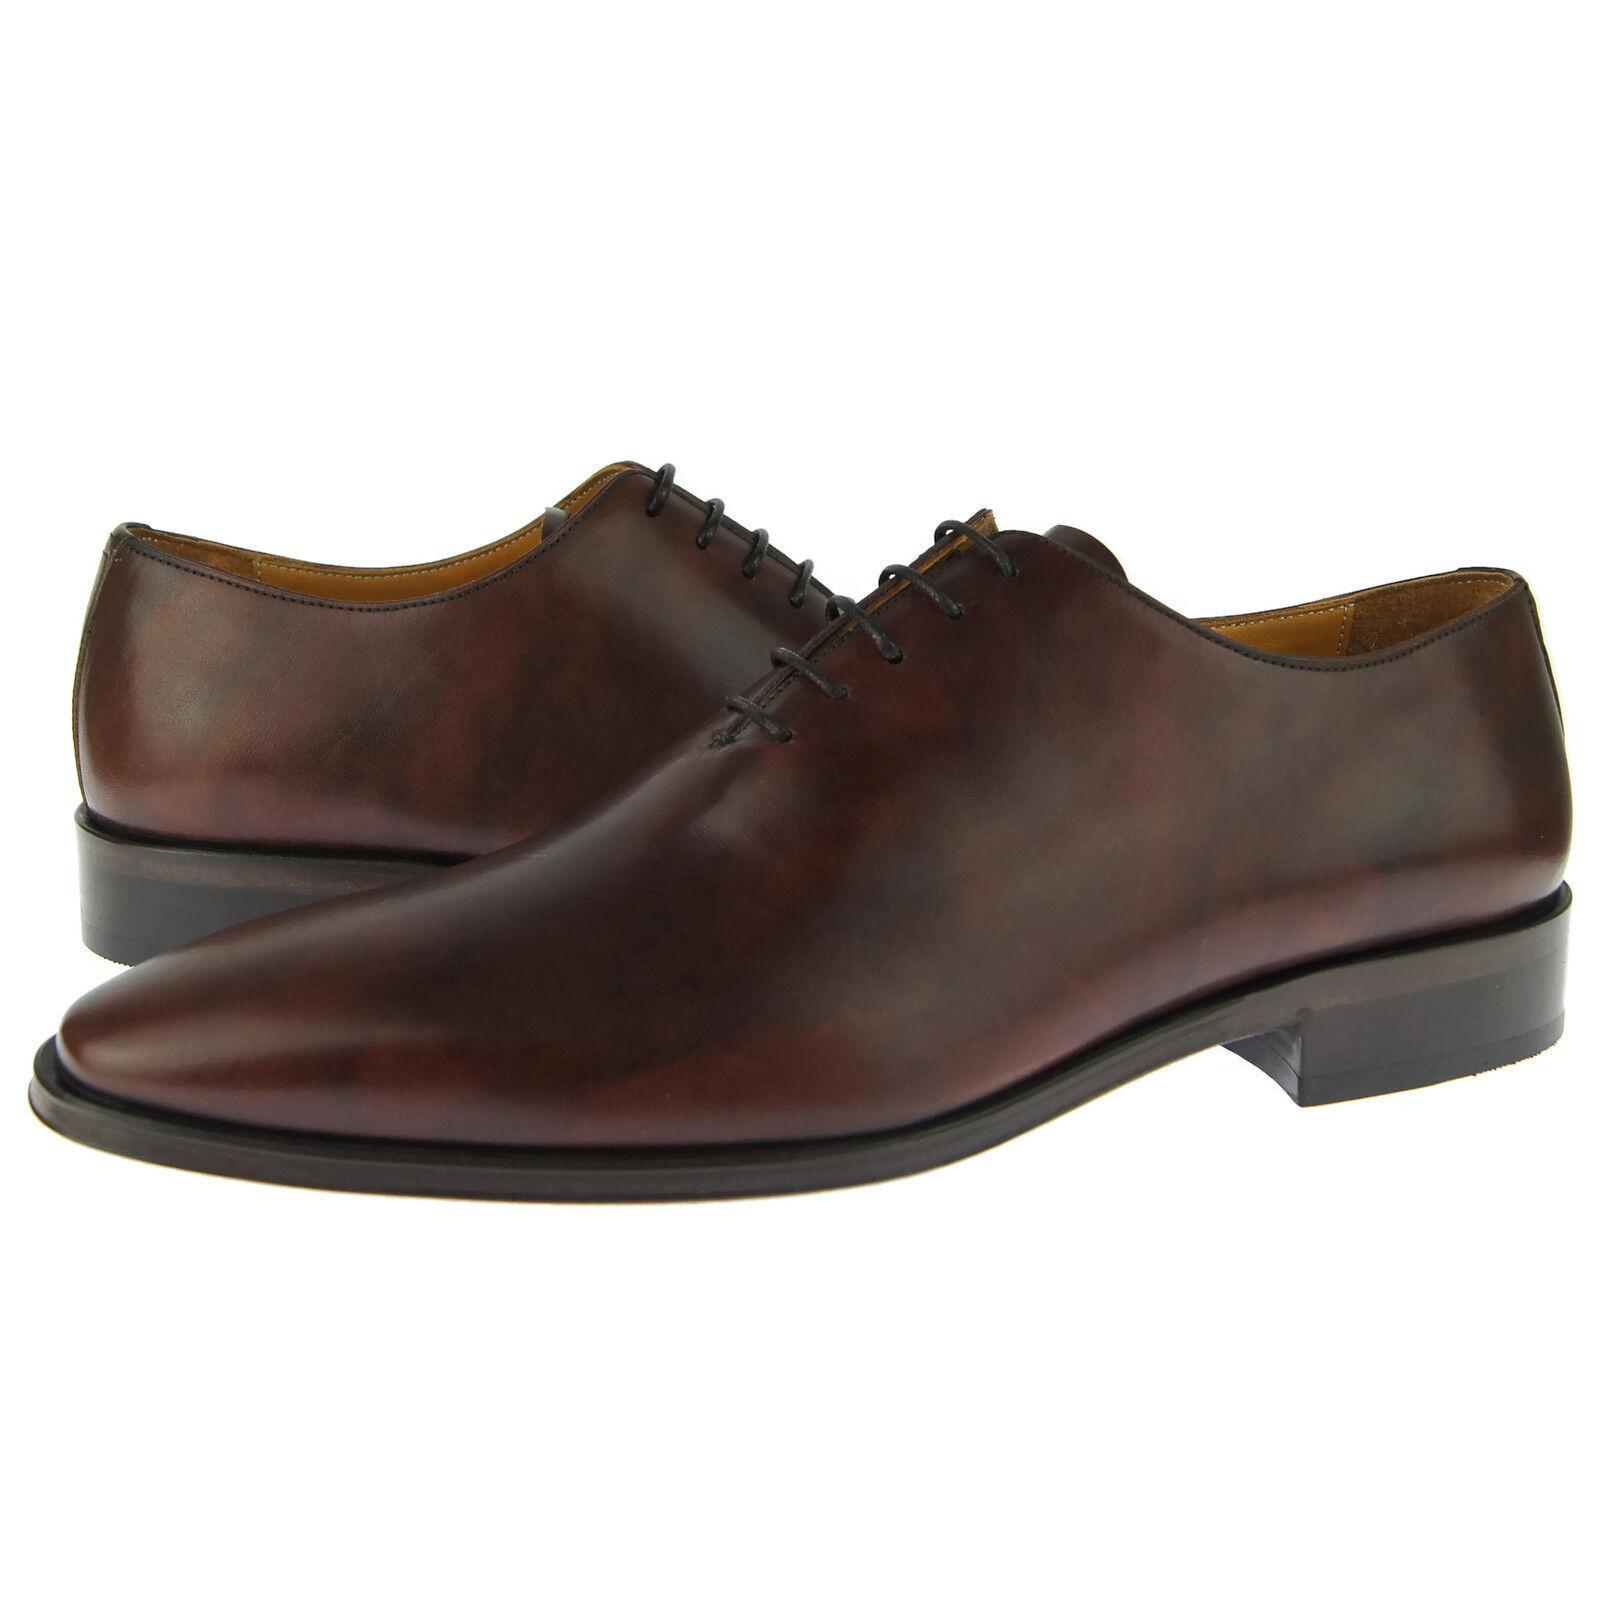 Alex D  Cambridge  Plain Wholecut Oxford, Men's Dress shoes, Museum Brown